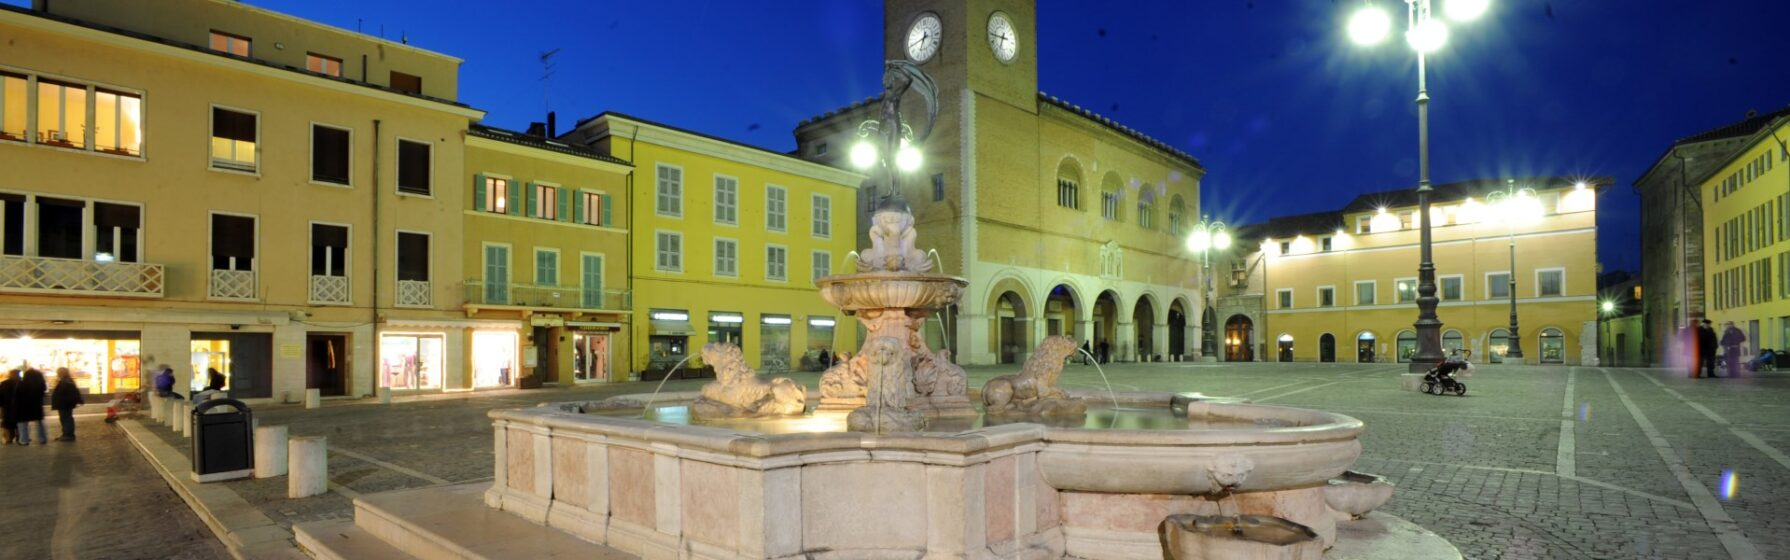 Fano, piazza XX settembre di sera